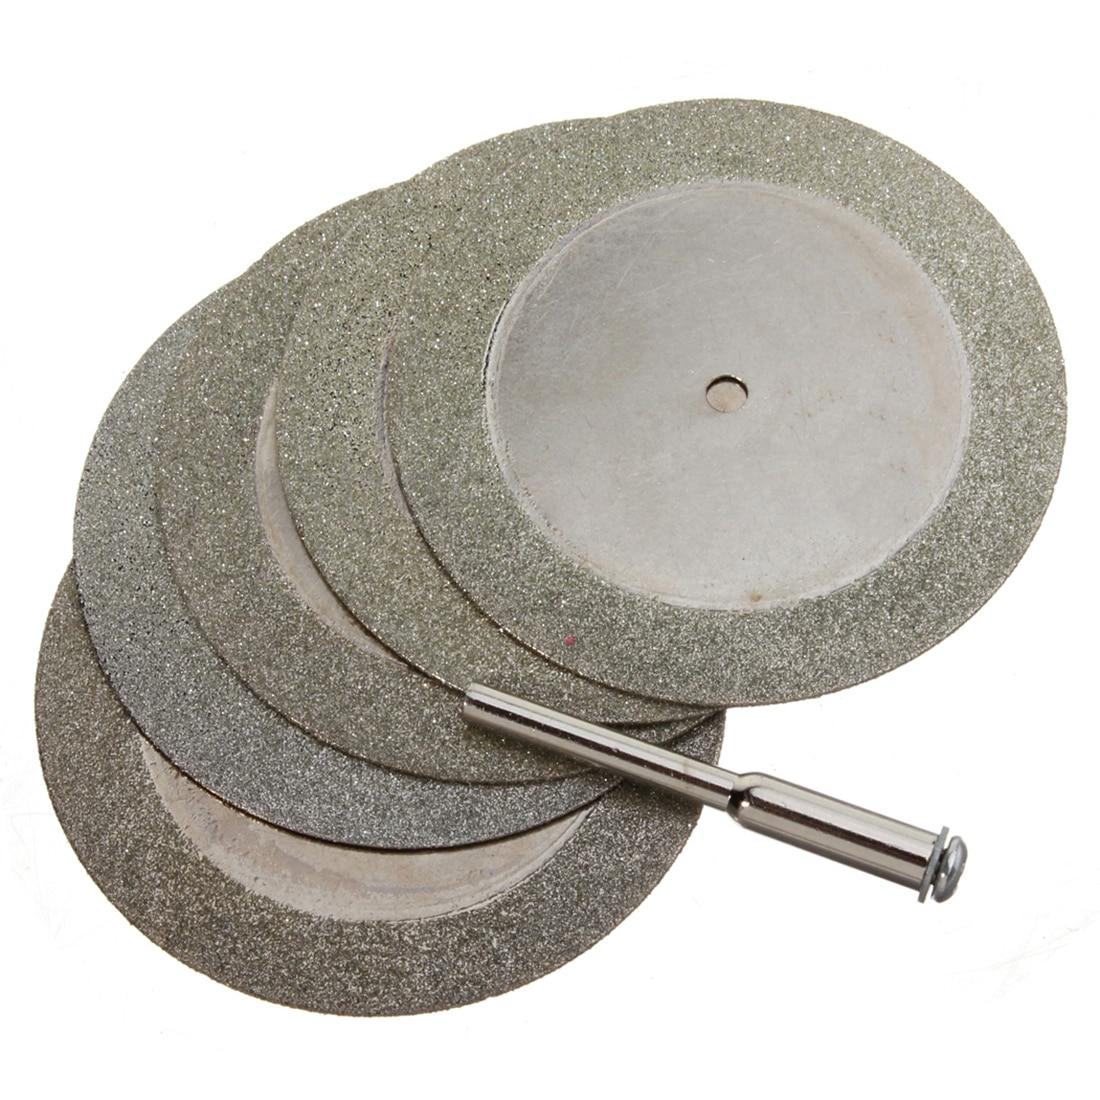 New 5pcs 50mm Diamond Cutting Discs & Drill Bit For Rotary Tool Glass Metal цена